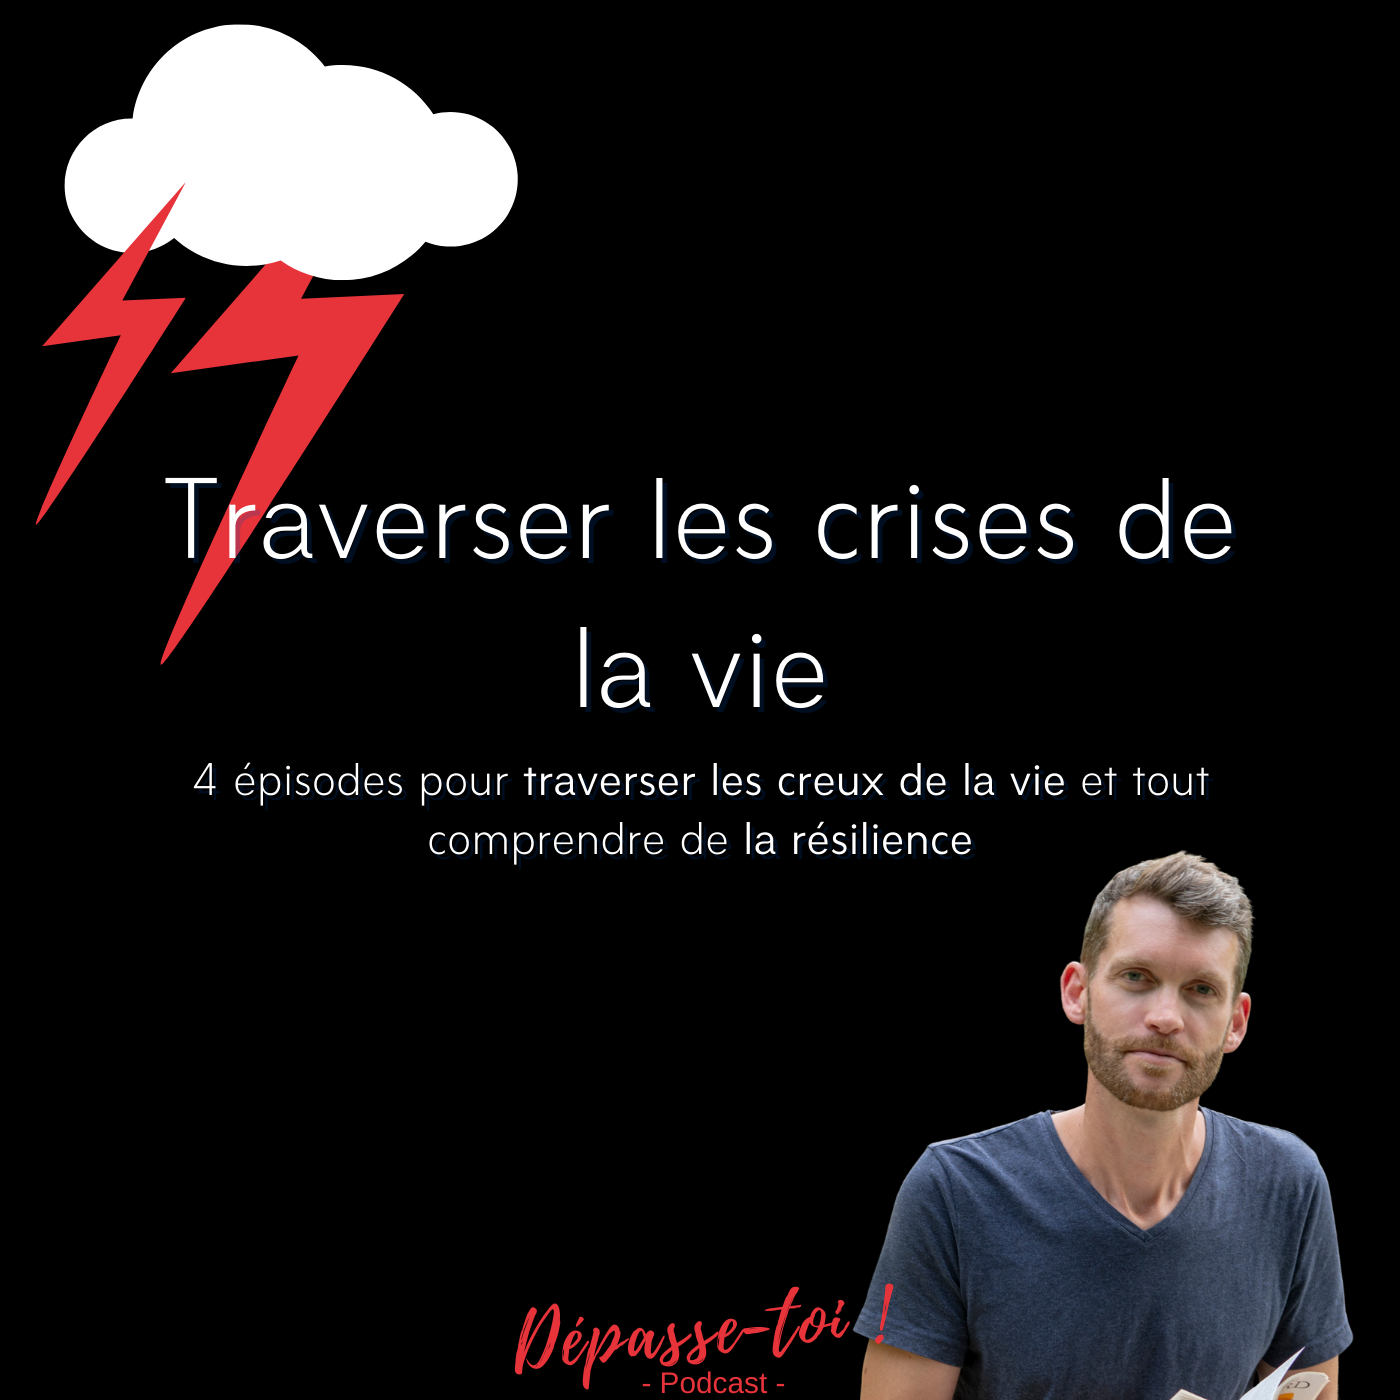 Traverser les crises de la vie #résilience